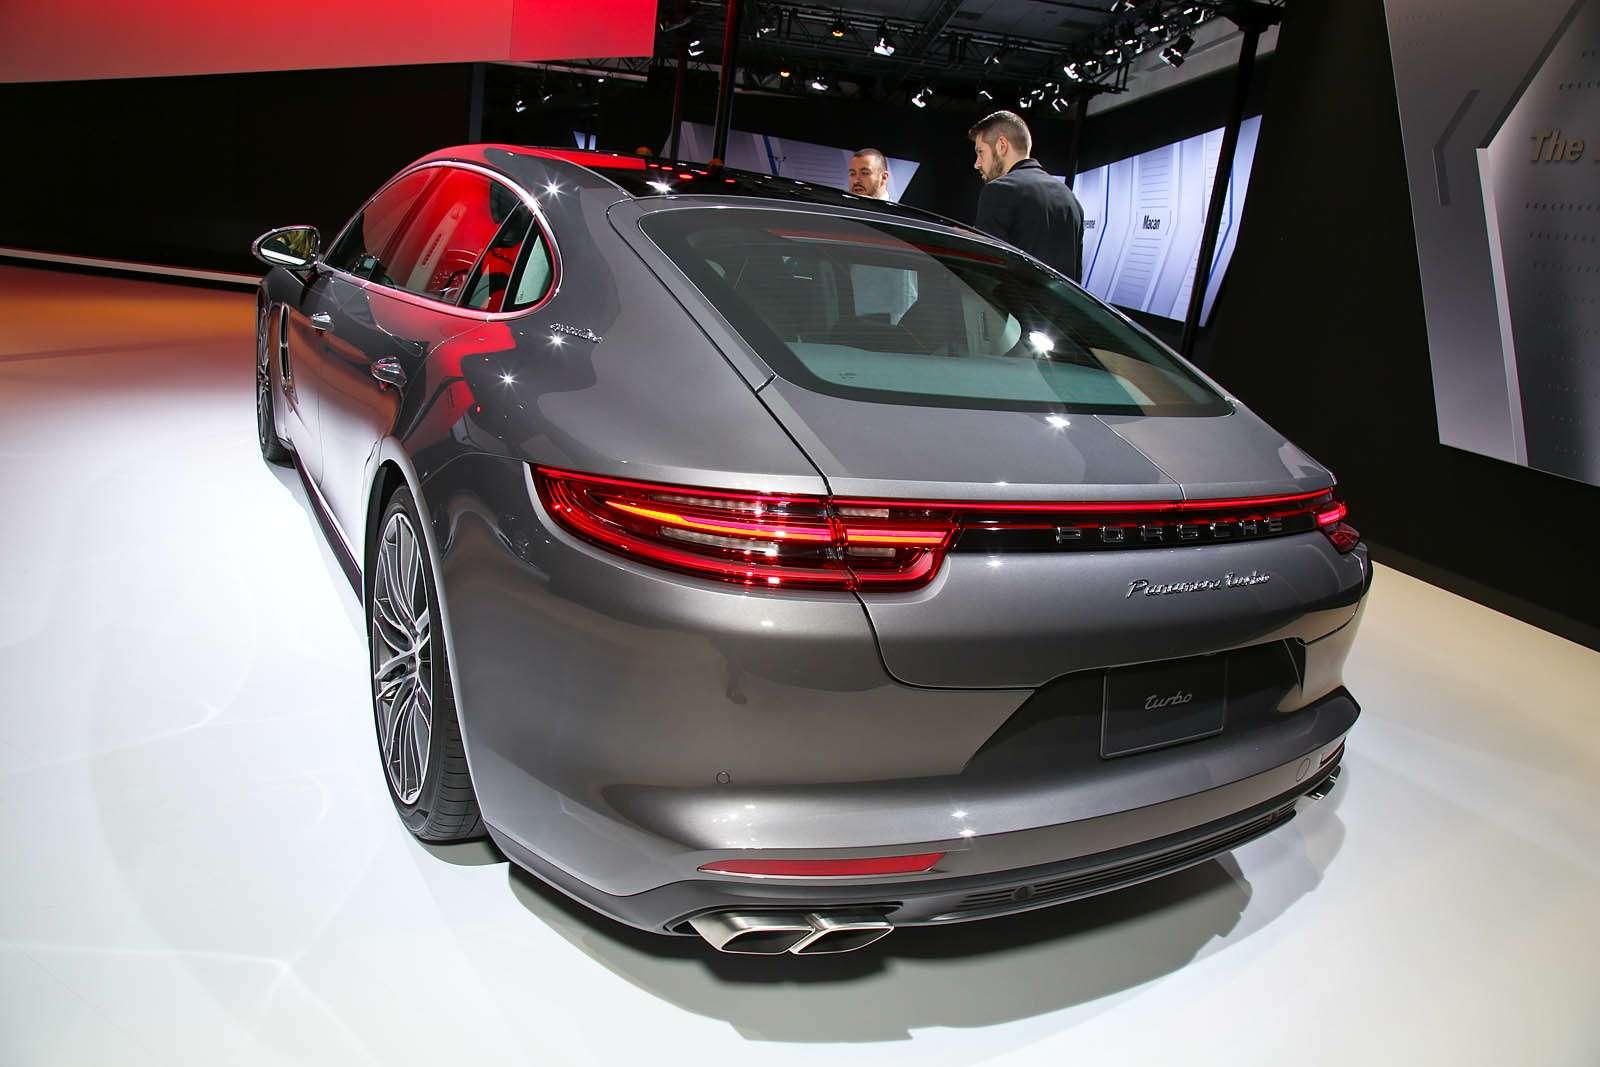 Быстрая немецкая «такса»: длиннобазная Porsche Panamera приехала вЛос-Анджелес— фото 665247